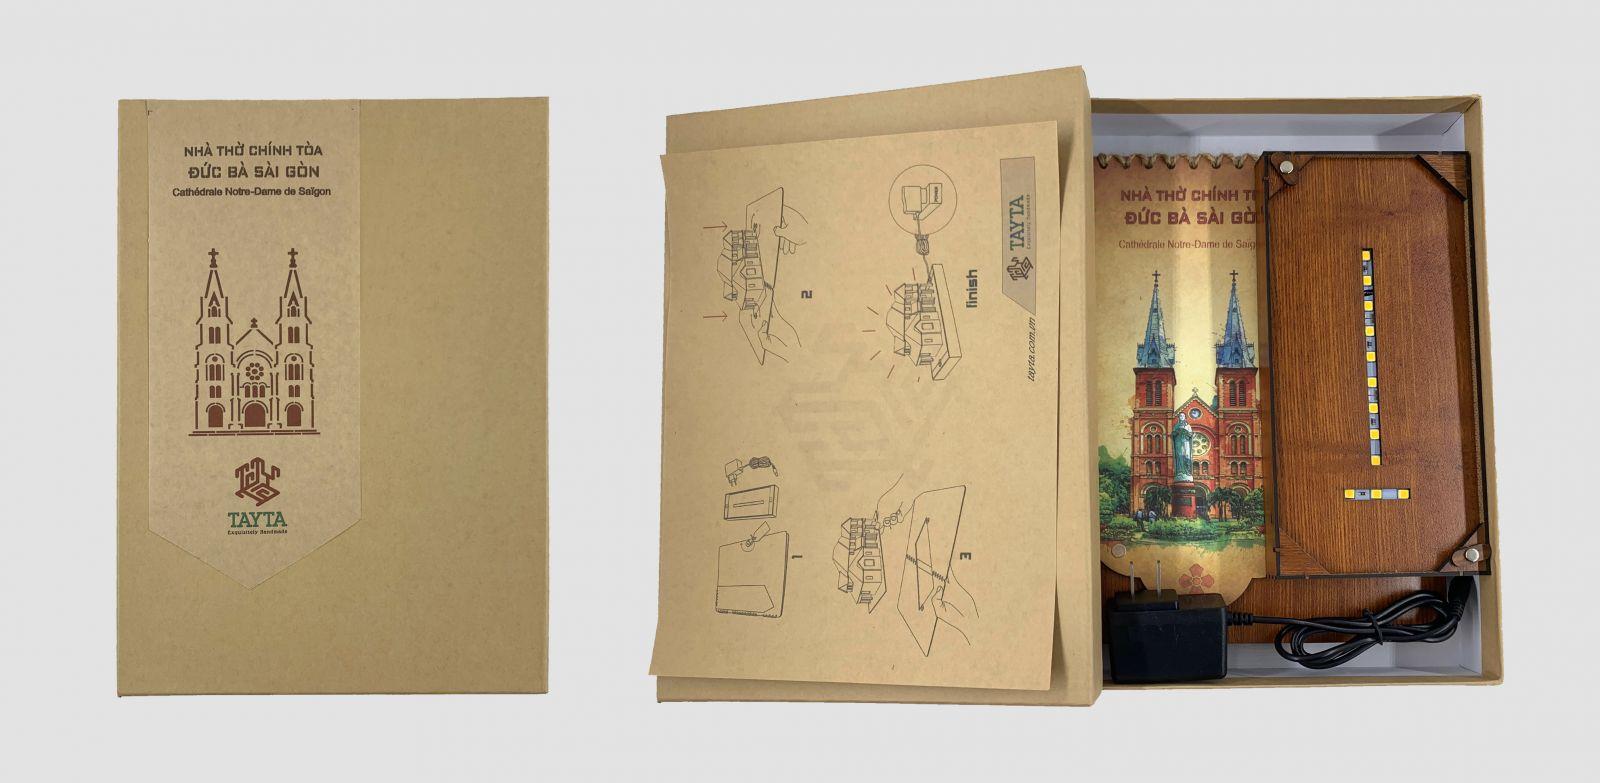 Thiệp 3D Nhà thờ Đức Bà Sài Gòn được đựng trong hộp chỉn chu, là món quà tặng Handmade tinh tế, sang trọng